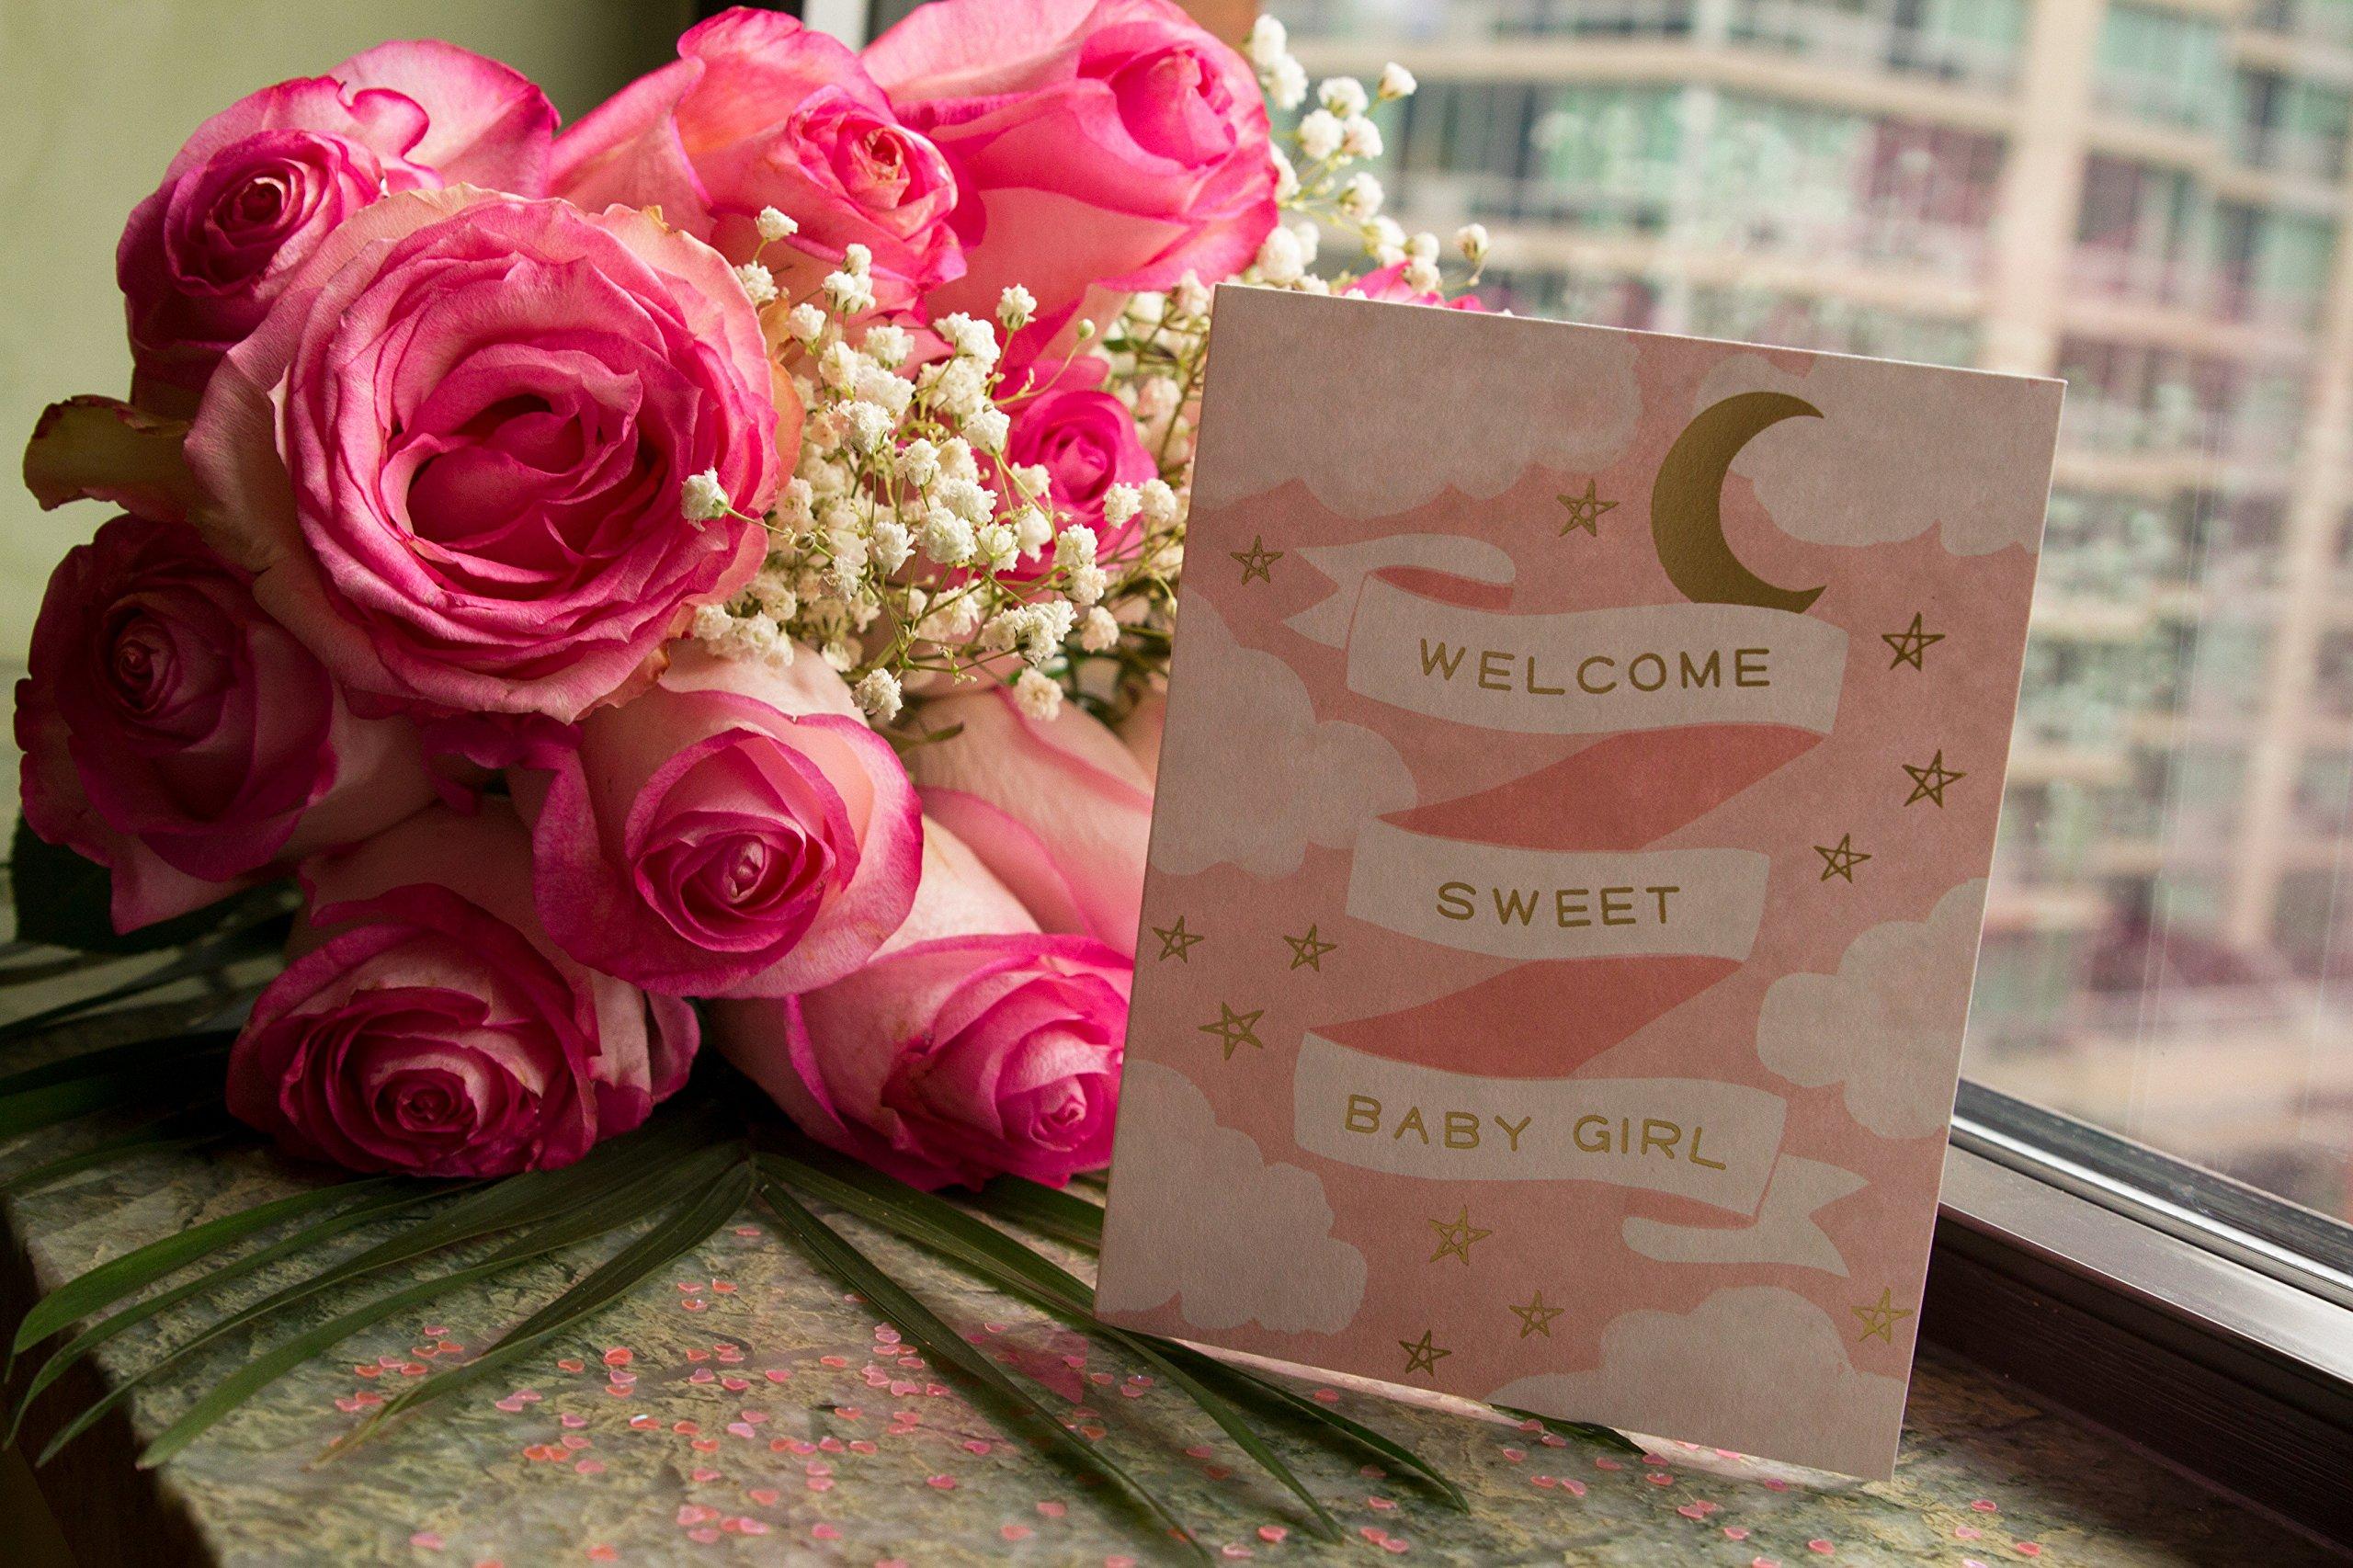 Flowers - One Dozen Light Pink Roses